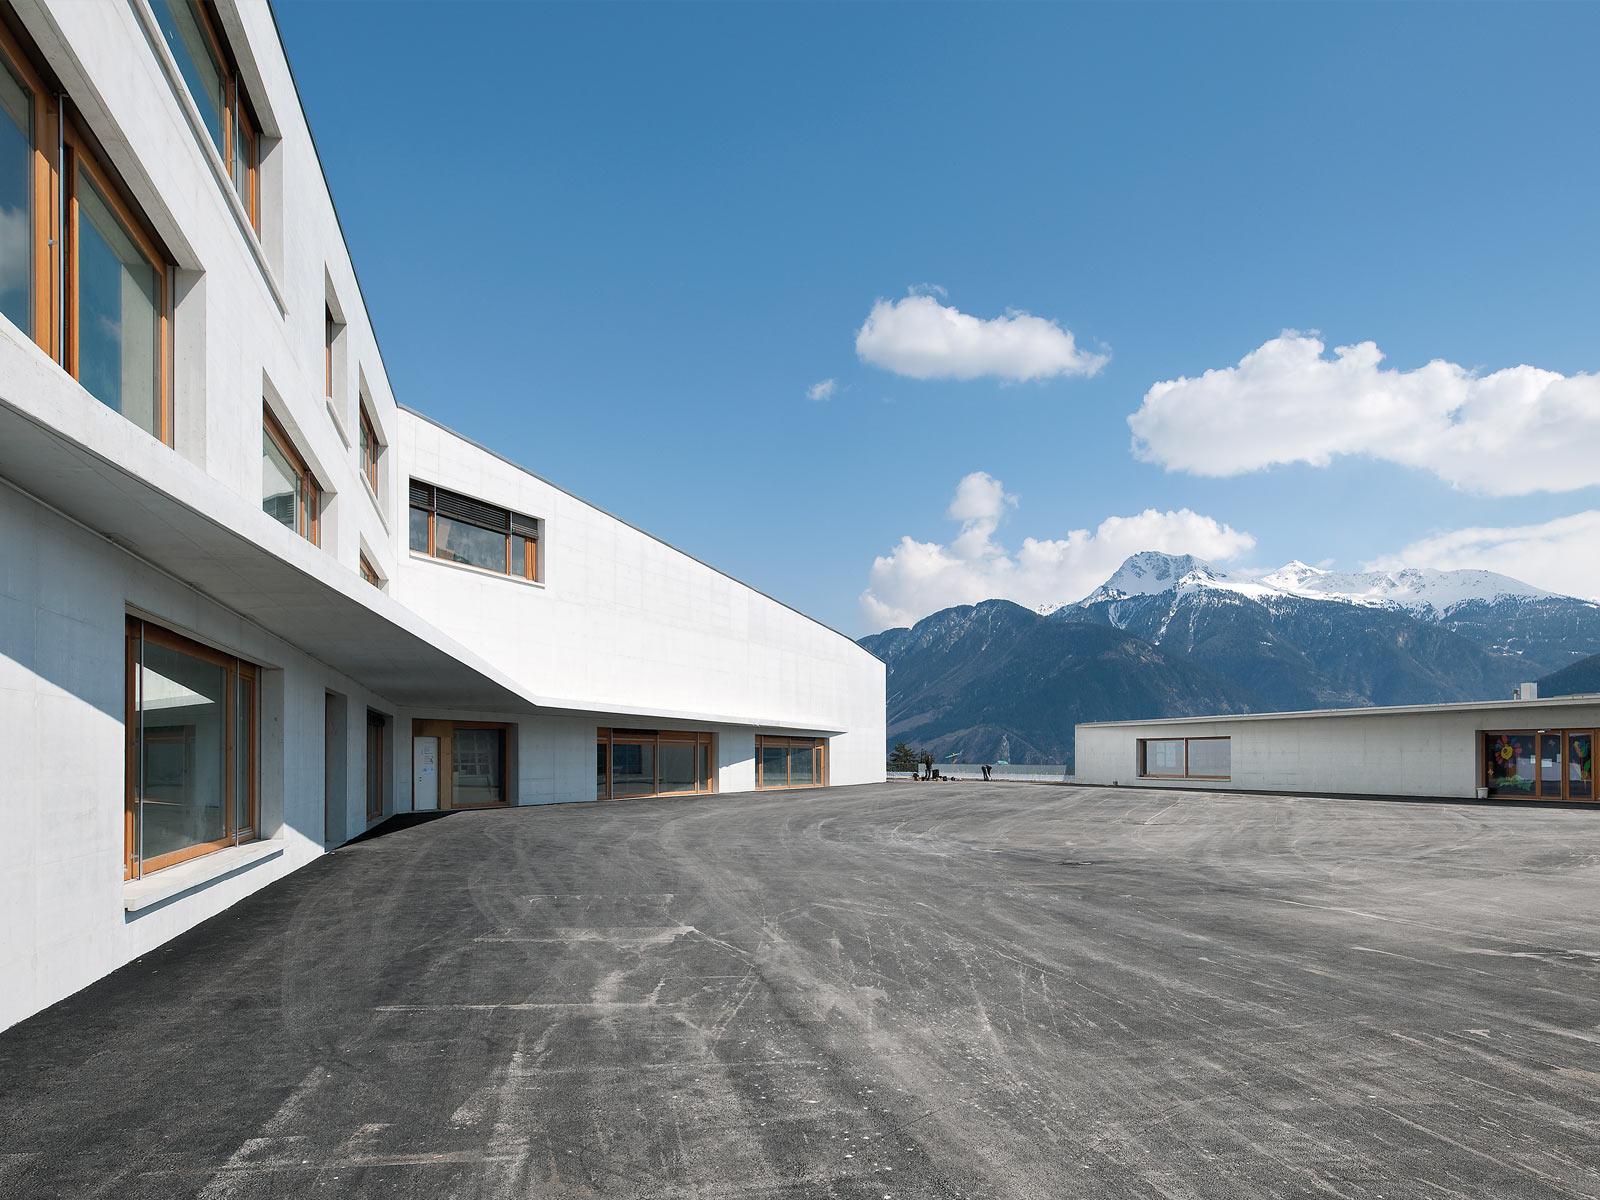 Best architects architektur award frei rezakhanlou architectes frei rezakhanlou architectes - Best architectes ...